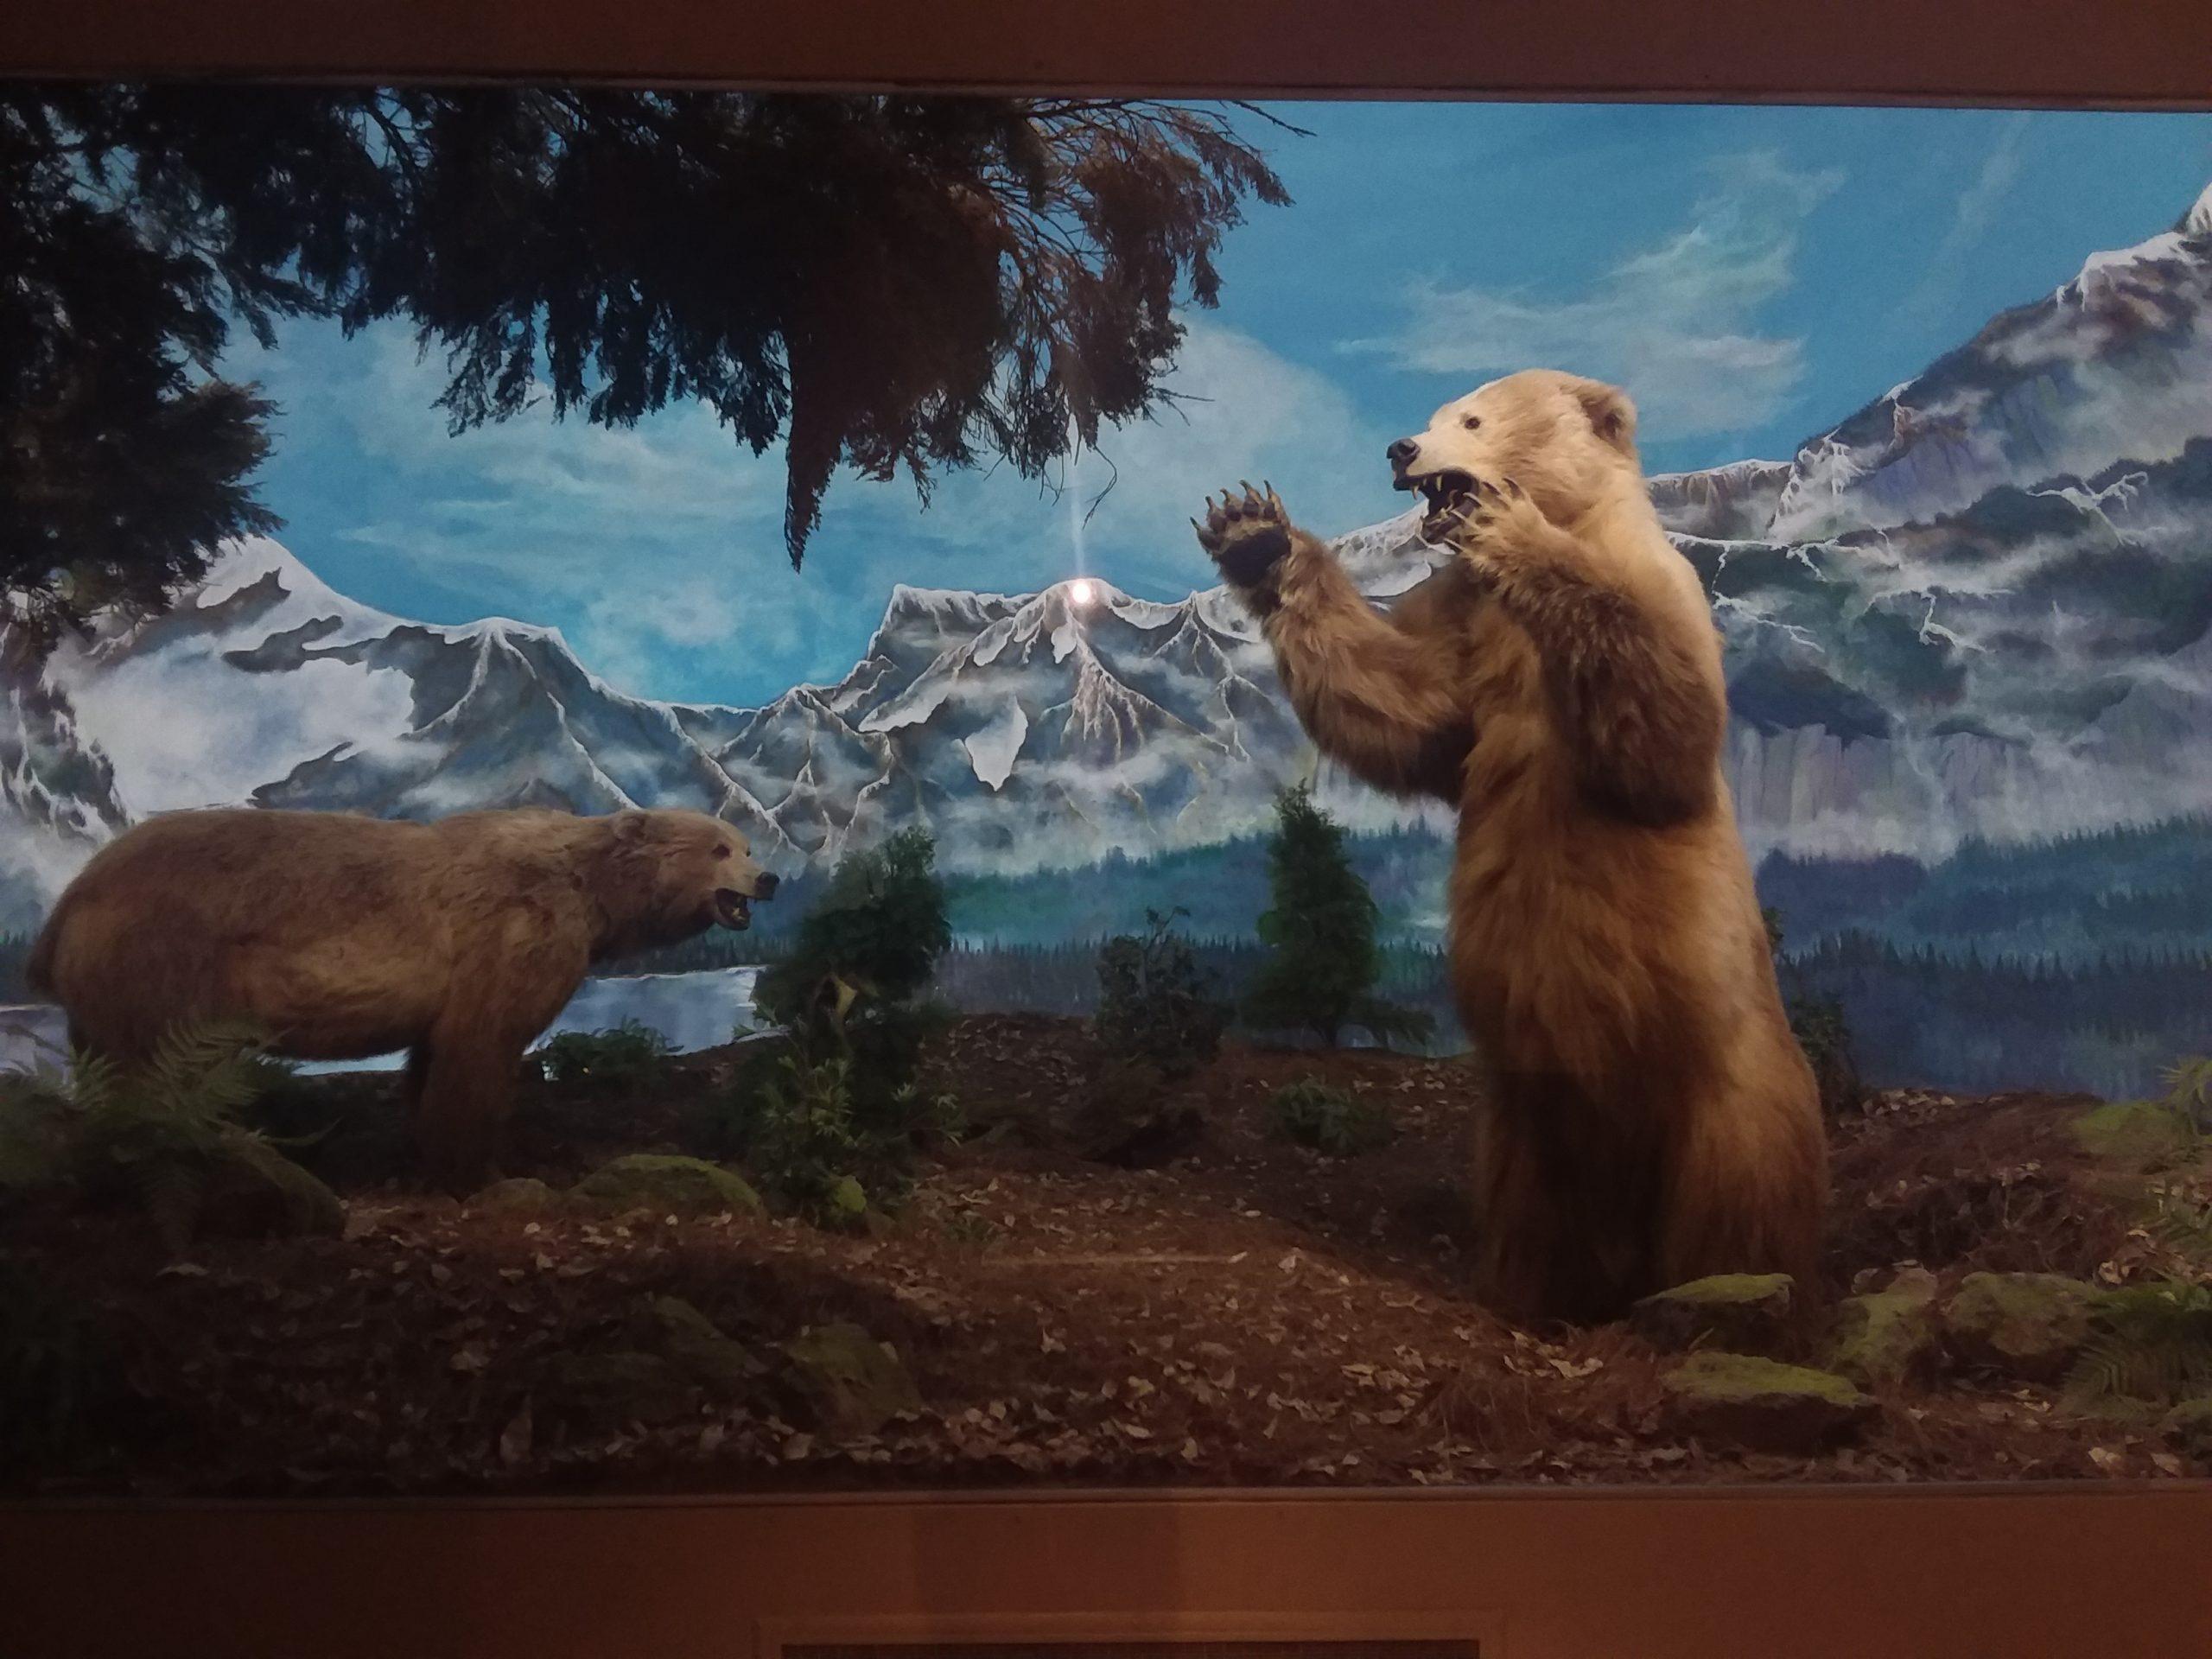 Animaux canadiens musée histoire naturelle mexico